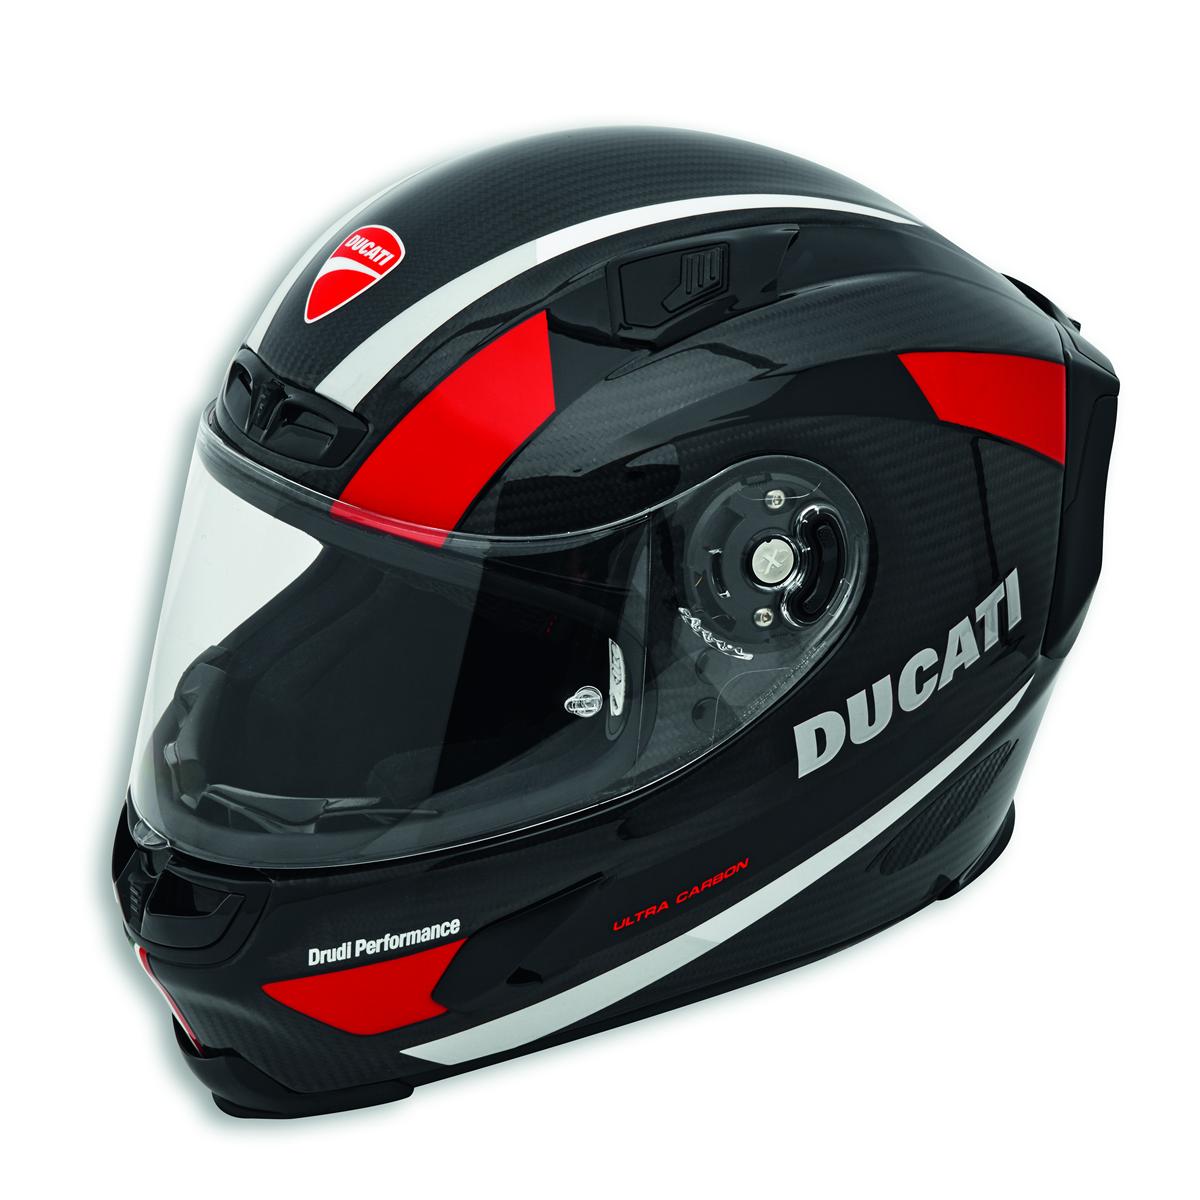 Speed Evo - Full-face helmet 981047062